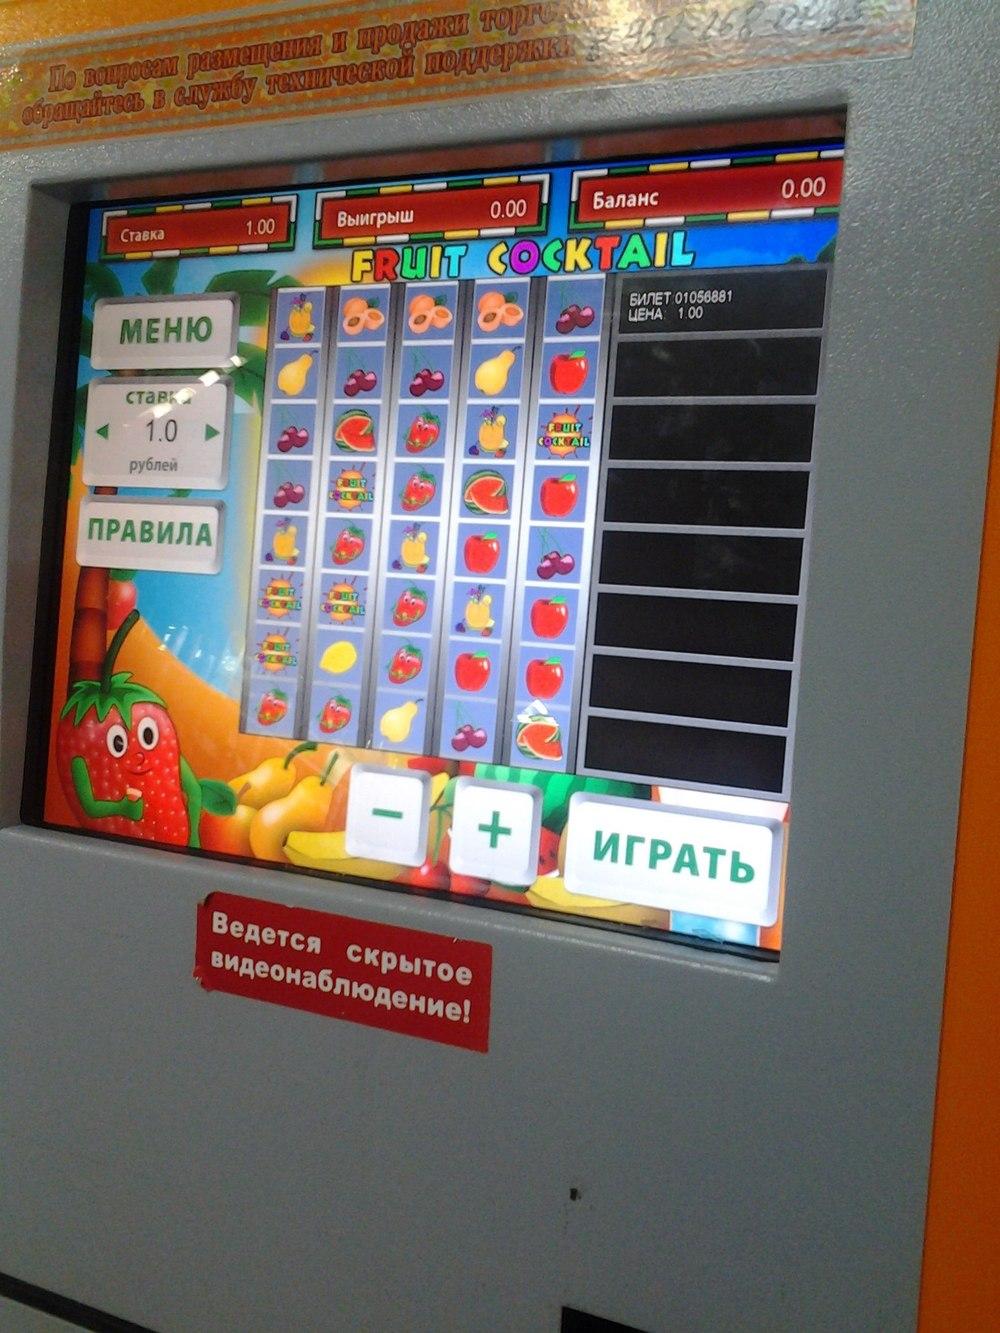 скачать игровые автоматы бесплатно гном скалолаз карт бланш